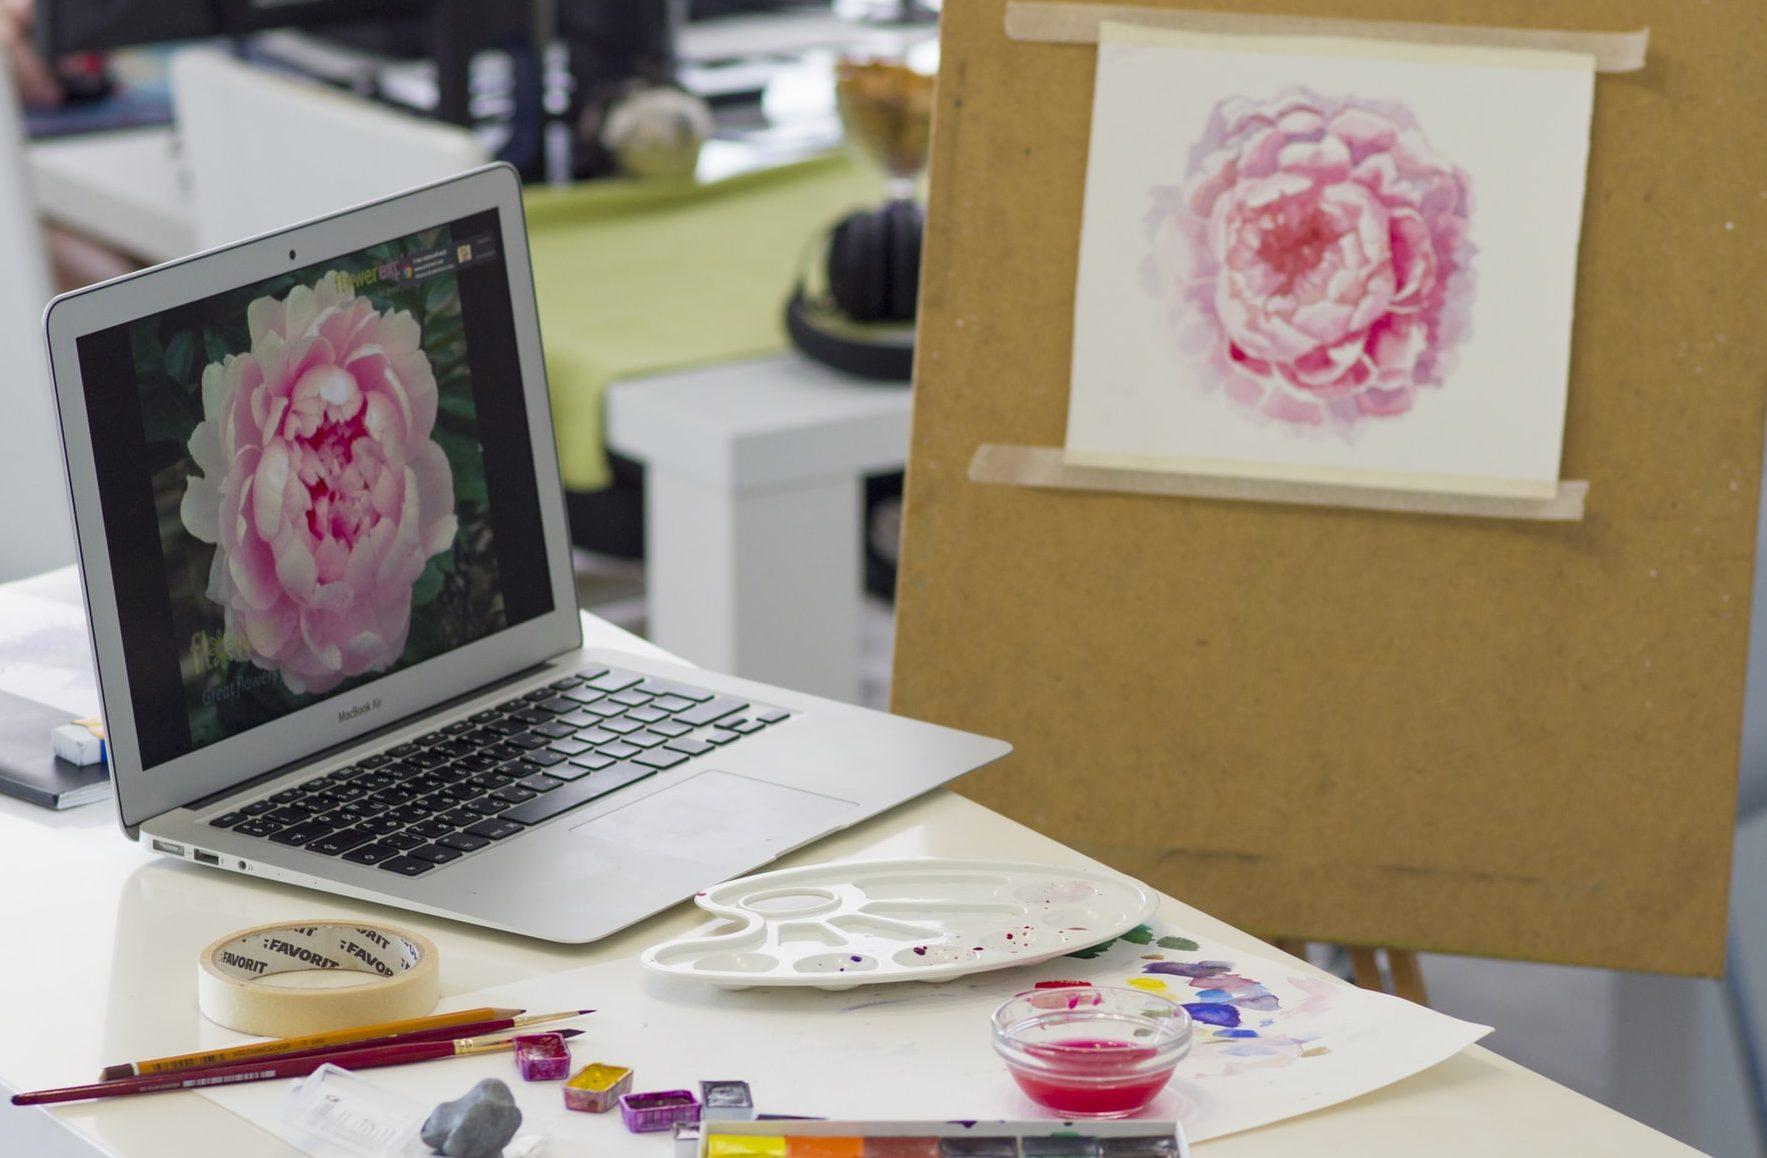 Best Laptop for Artist